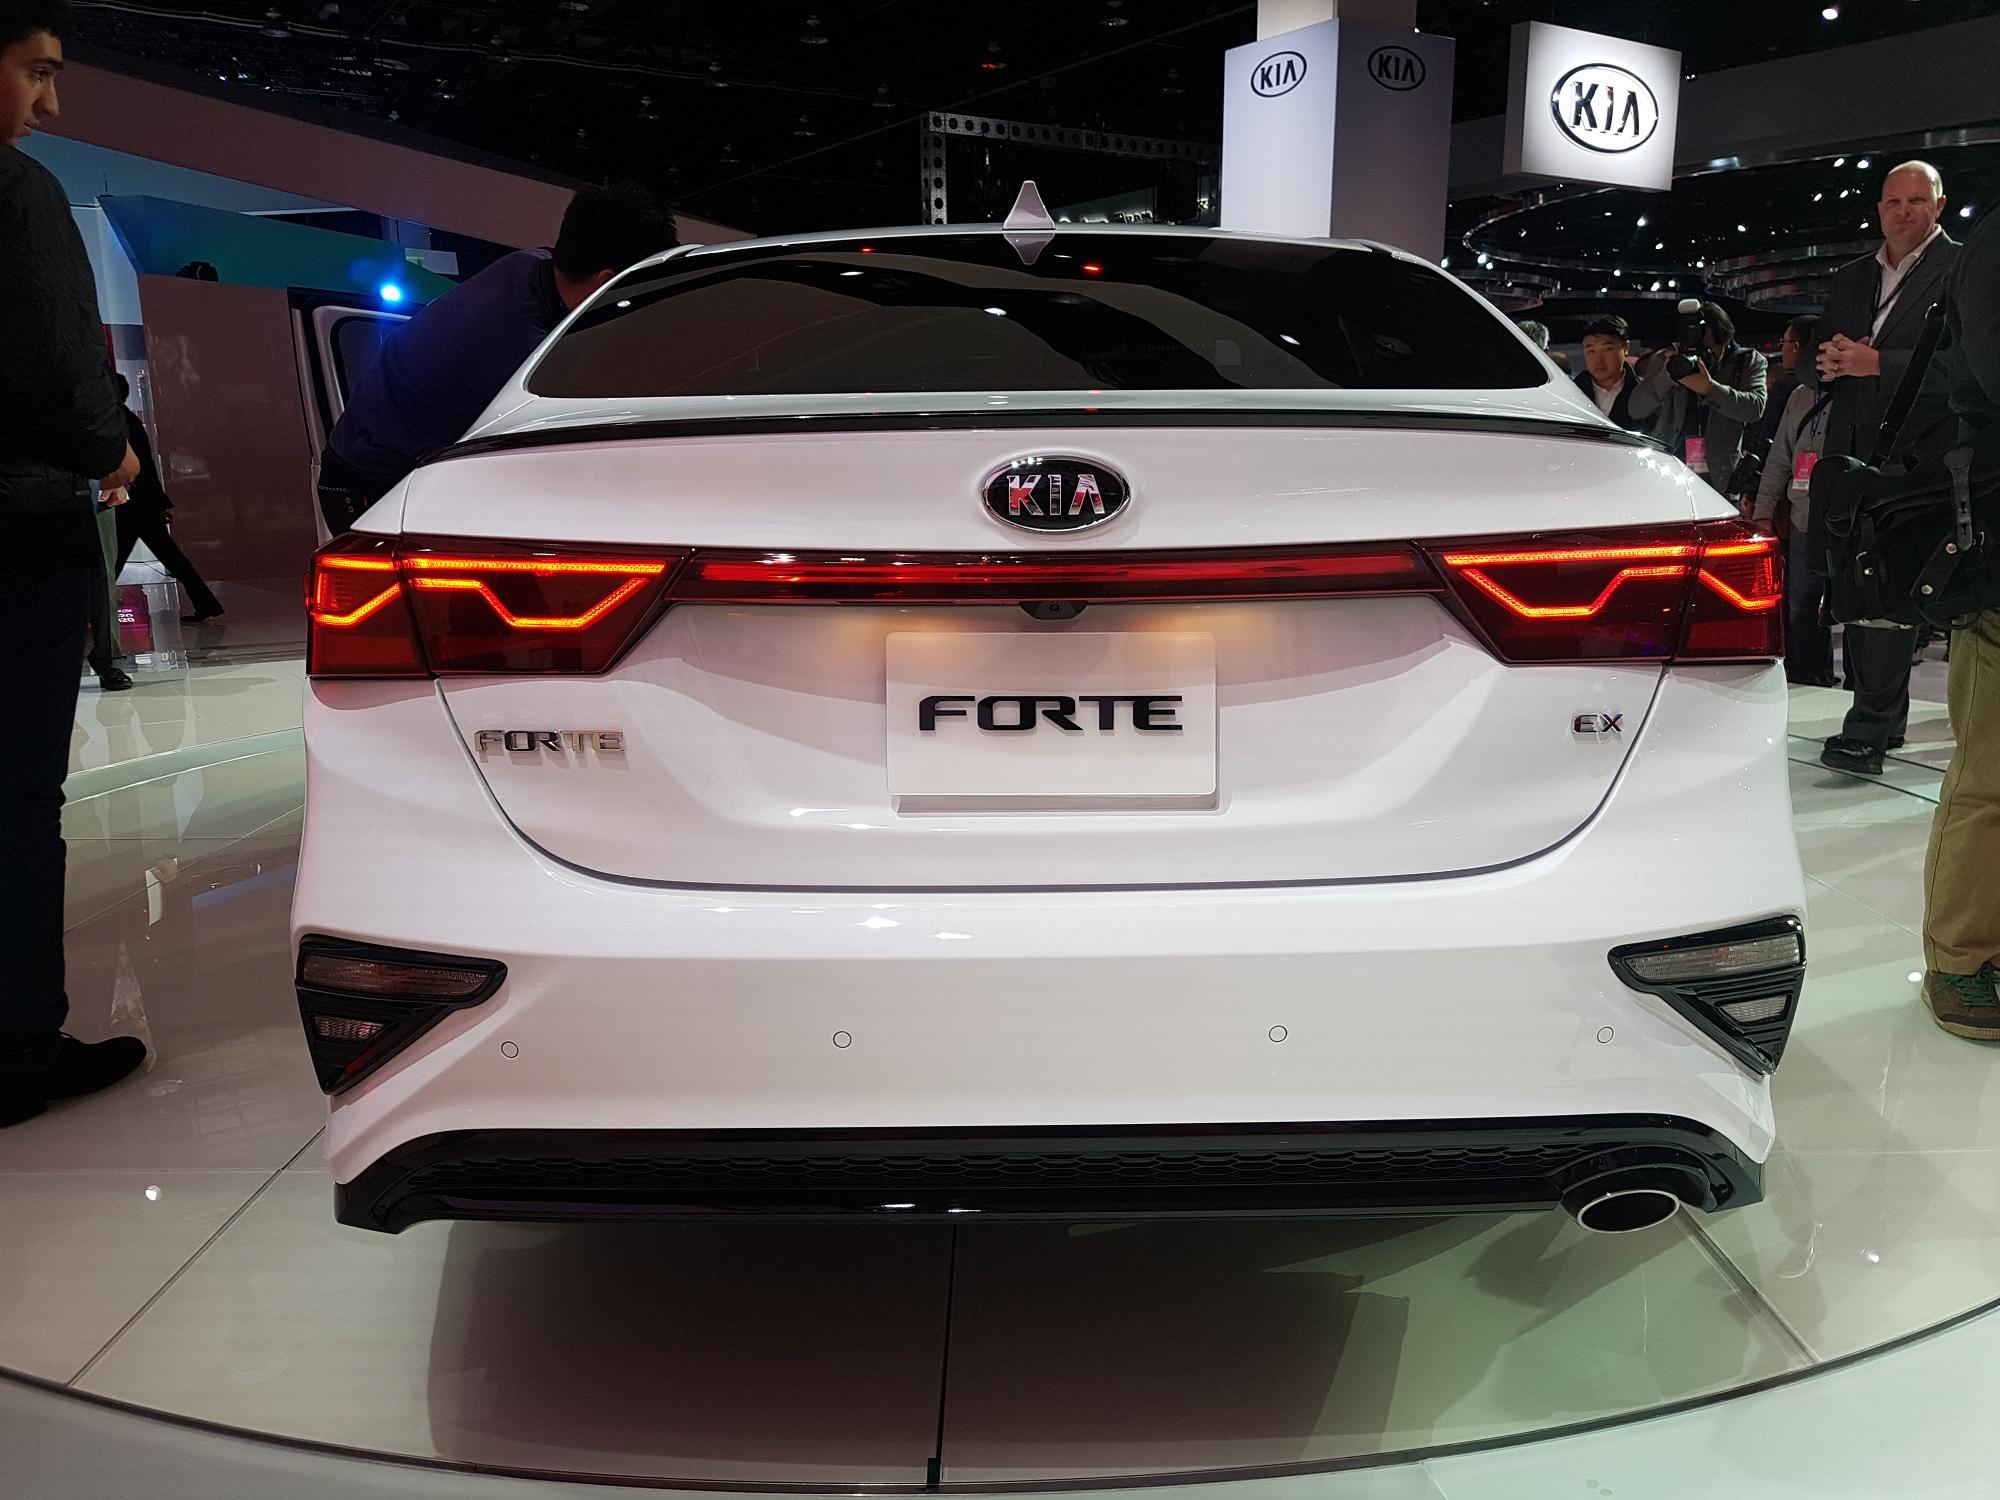 2019 Kia Rio >> El nuevo KIA Forte 2019 sorprende por su parecido con el Stinger – Autos y Moda México